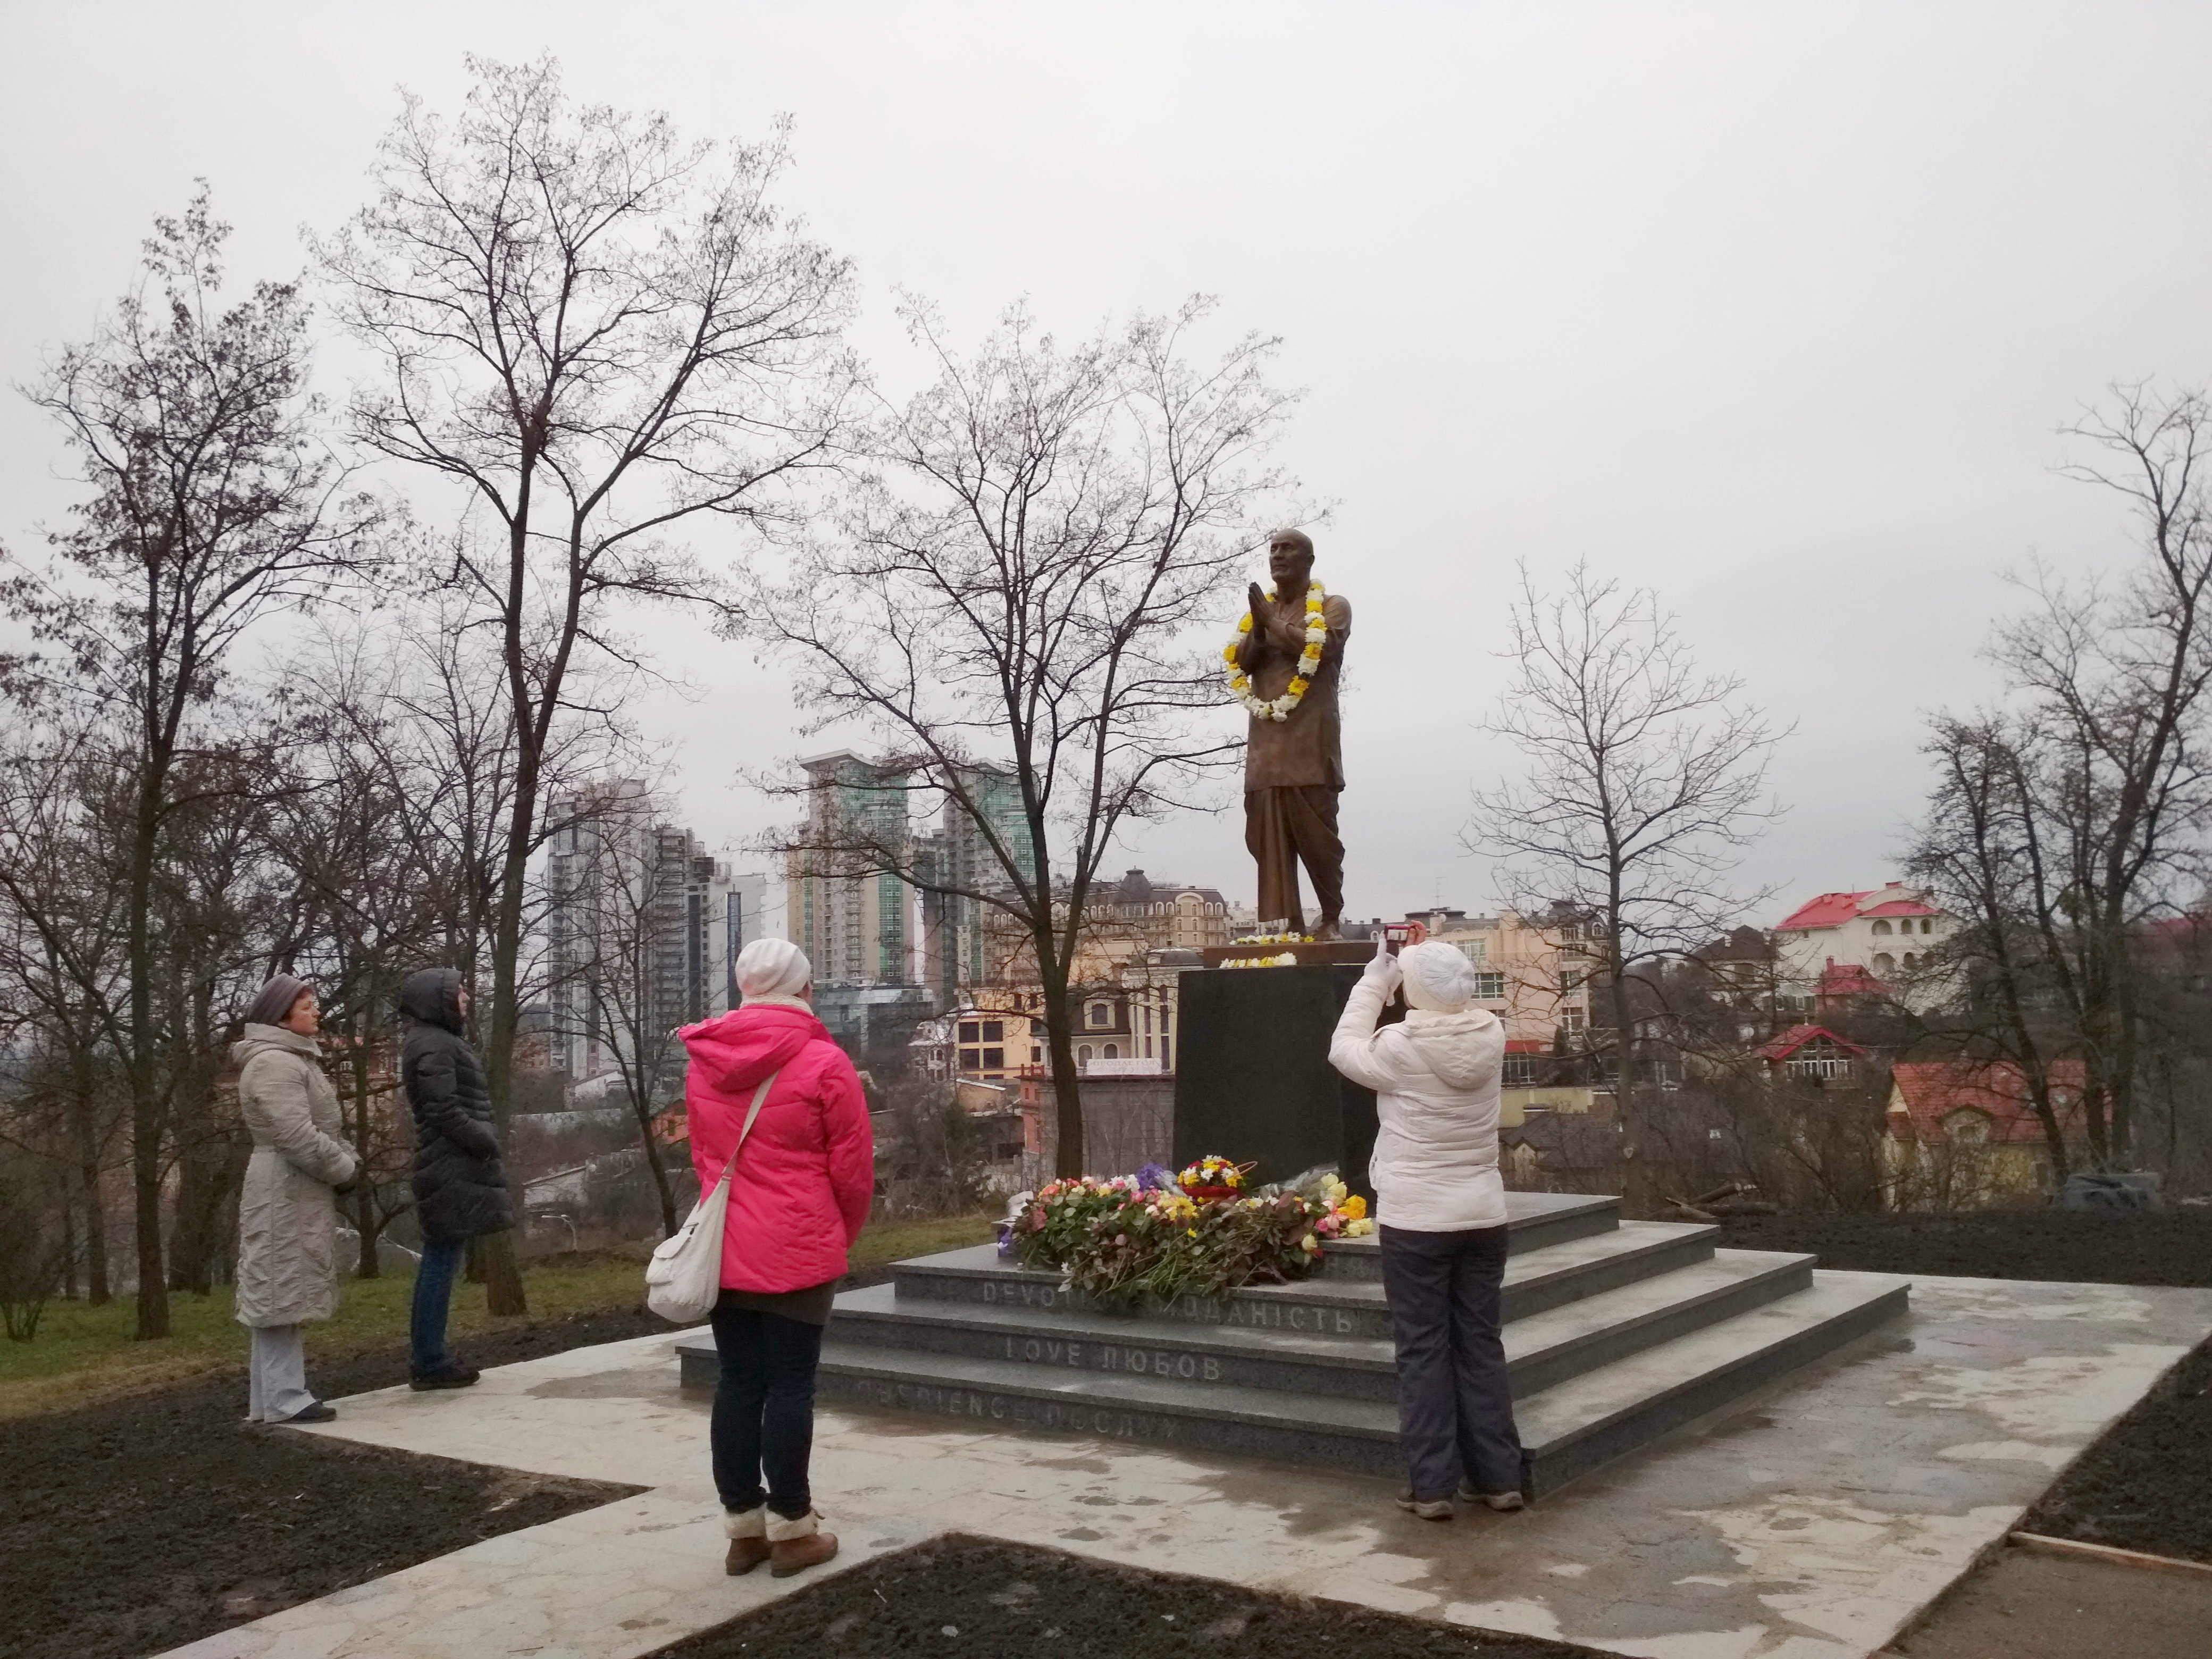 Статуя Шри Чинмоя в Киеве++